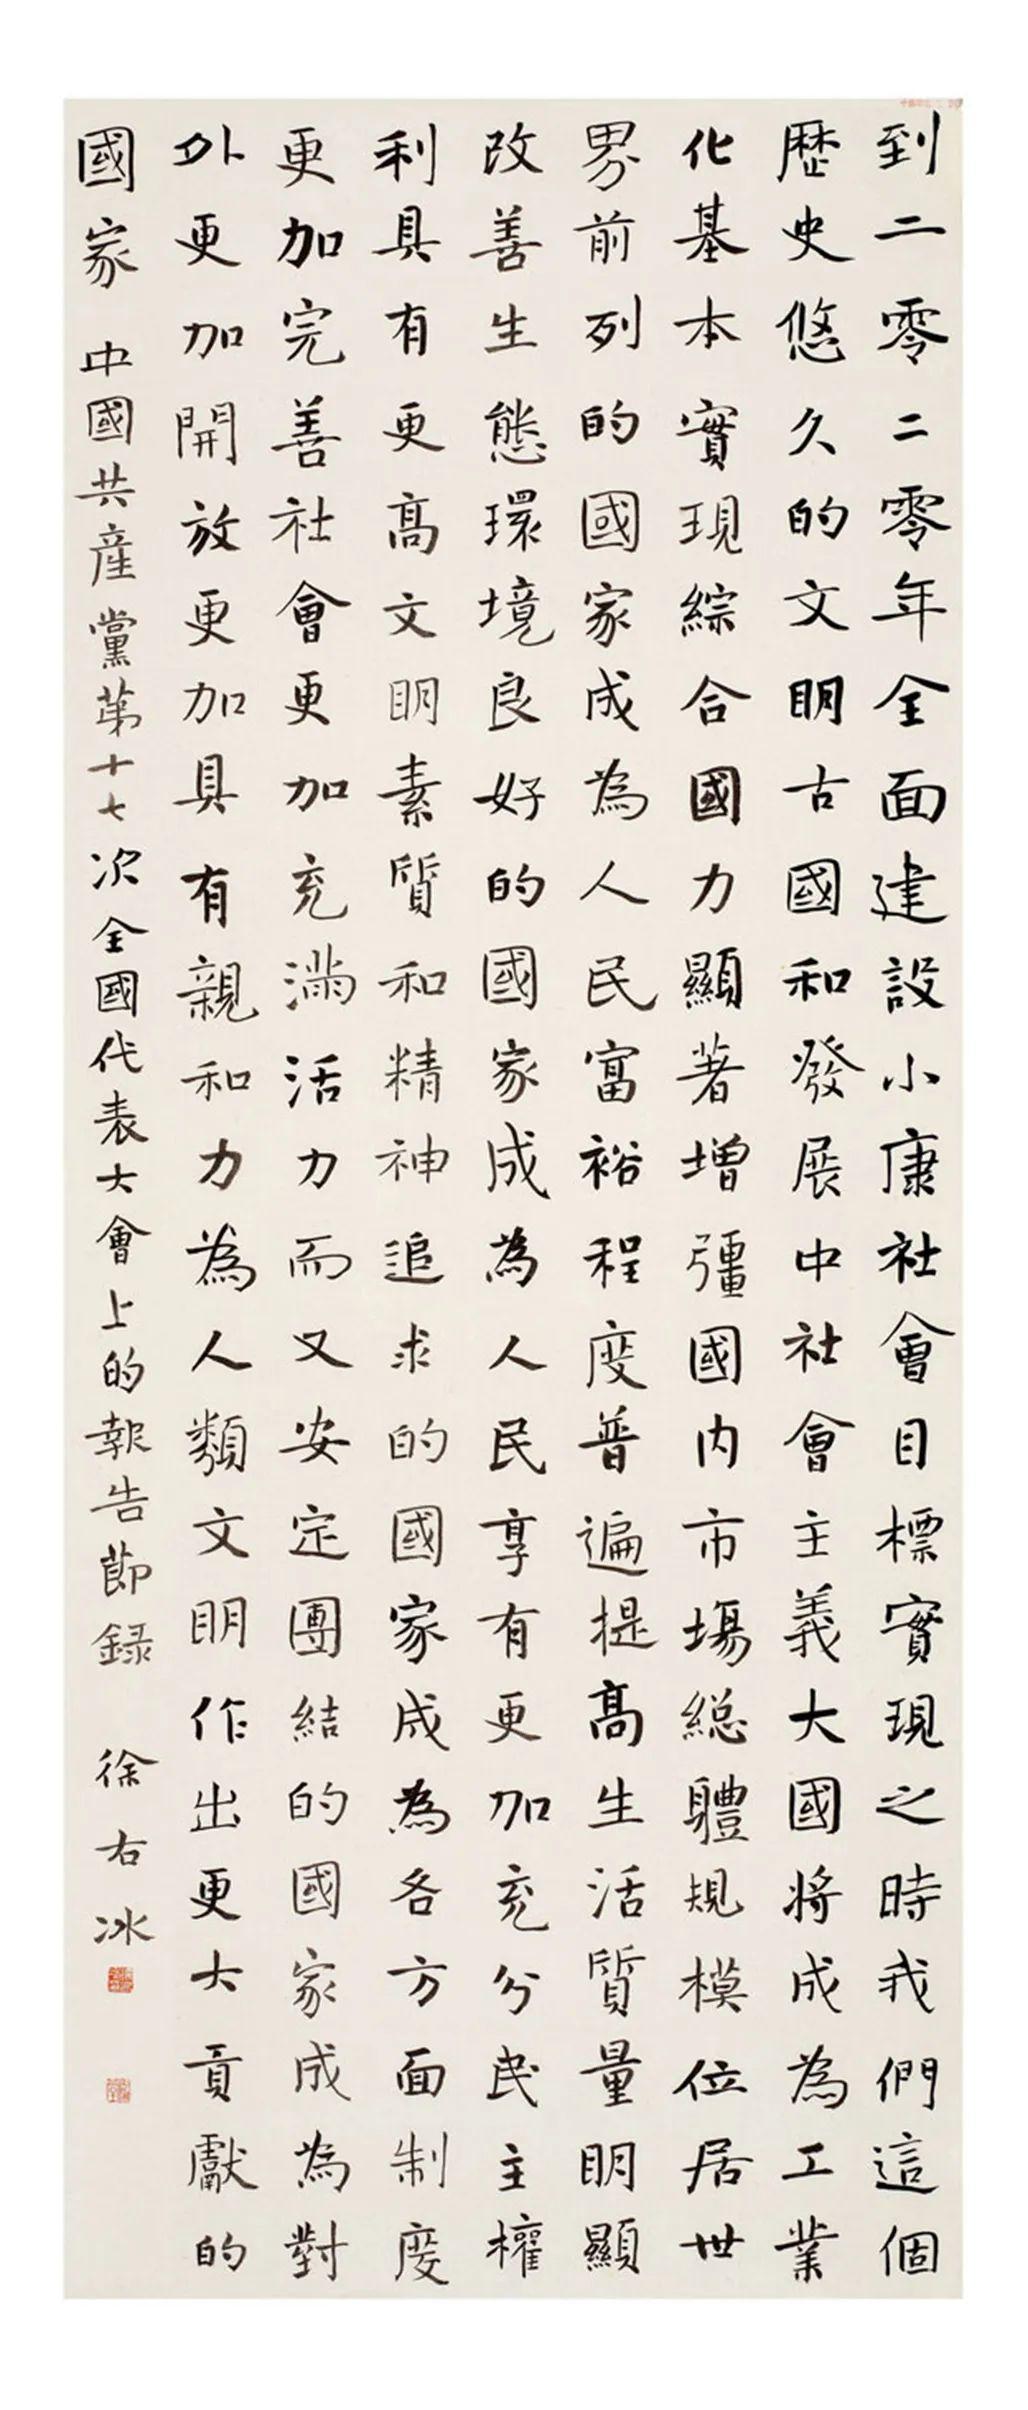 中国力量——全国扶贫书法大展作品 | 第一篇章 :人民至上(图22)